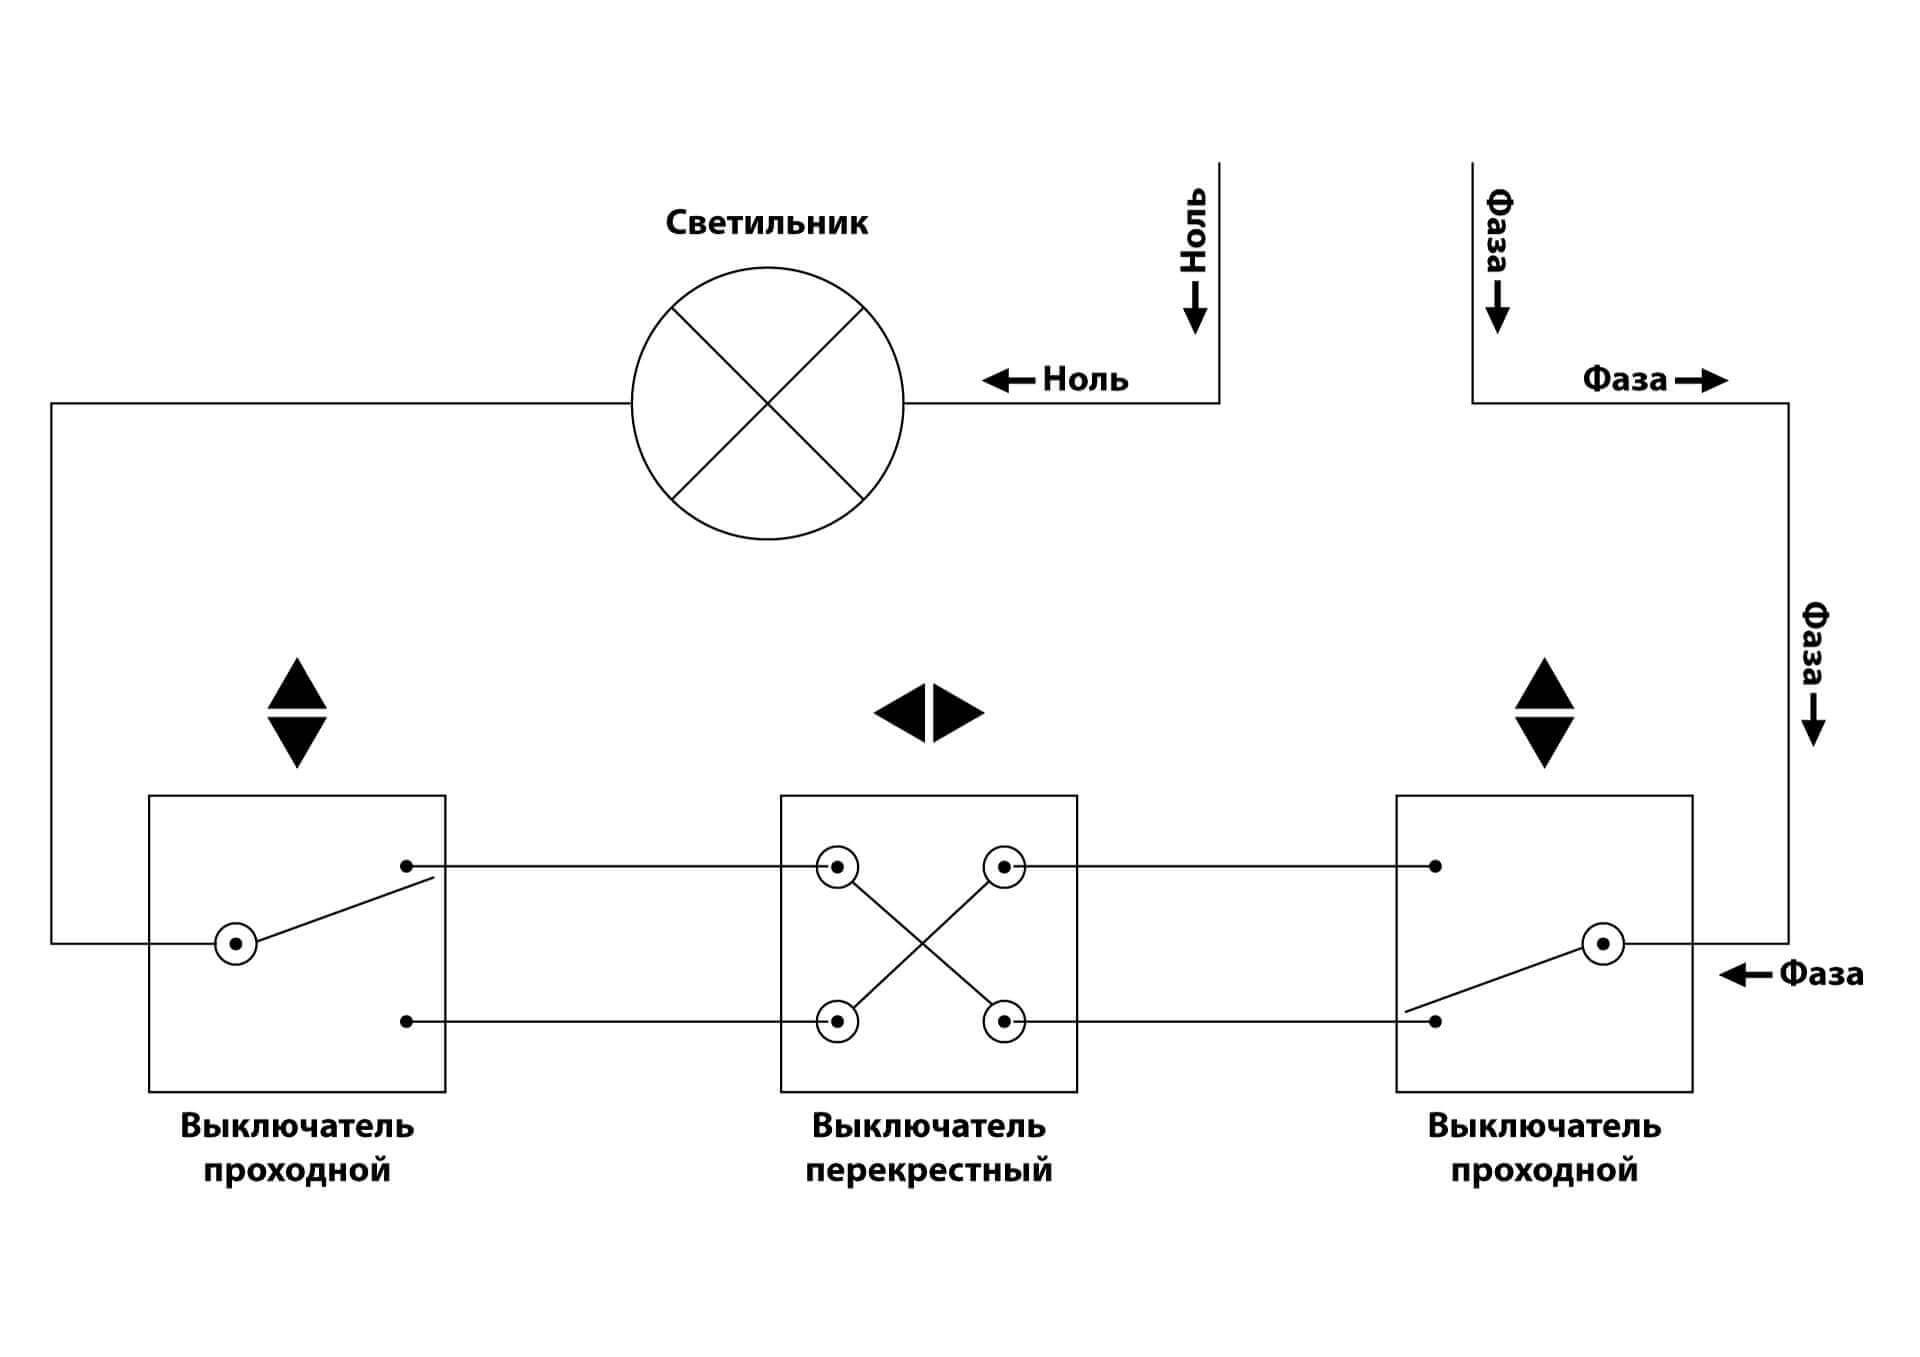 Как подключить и настроить датчик движения?